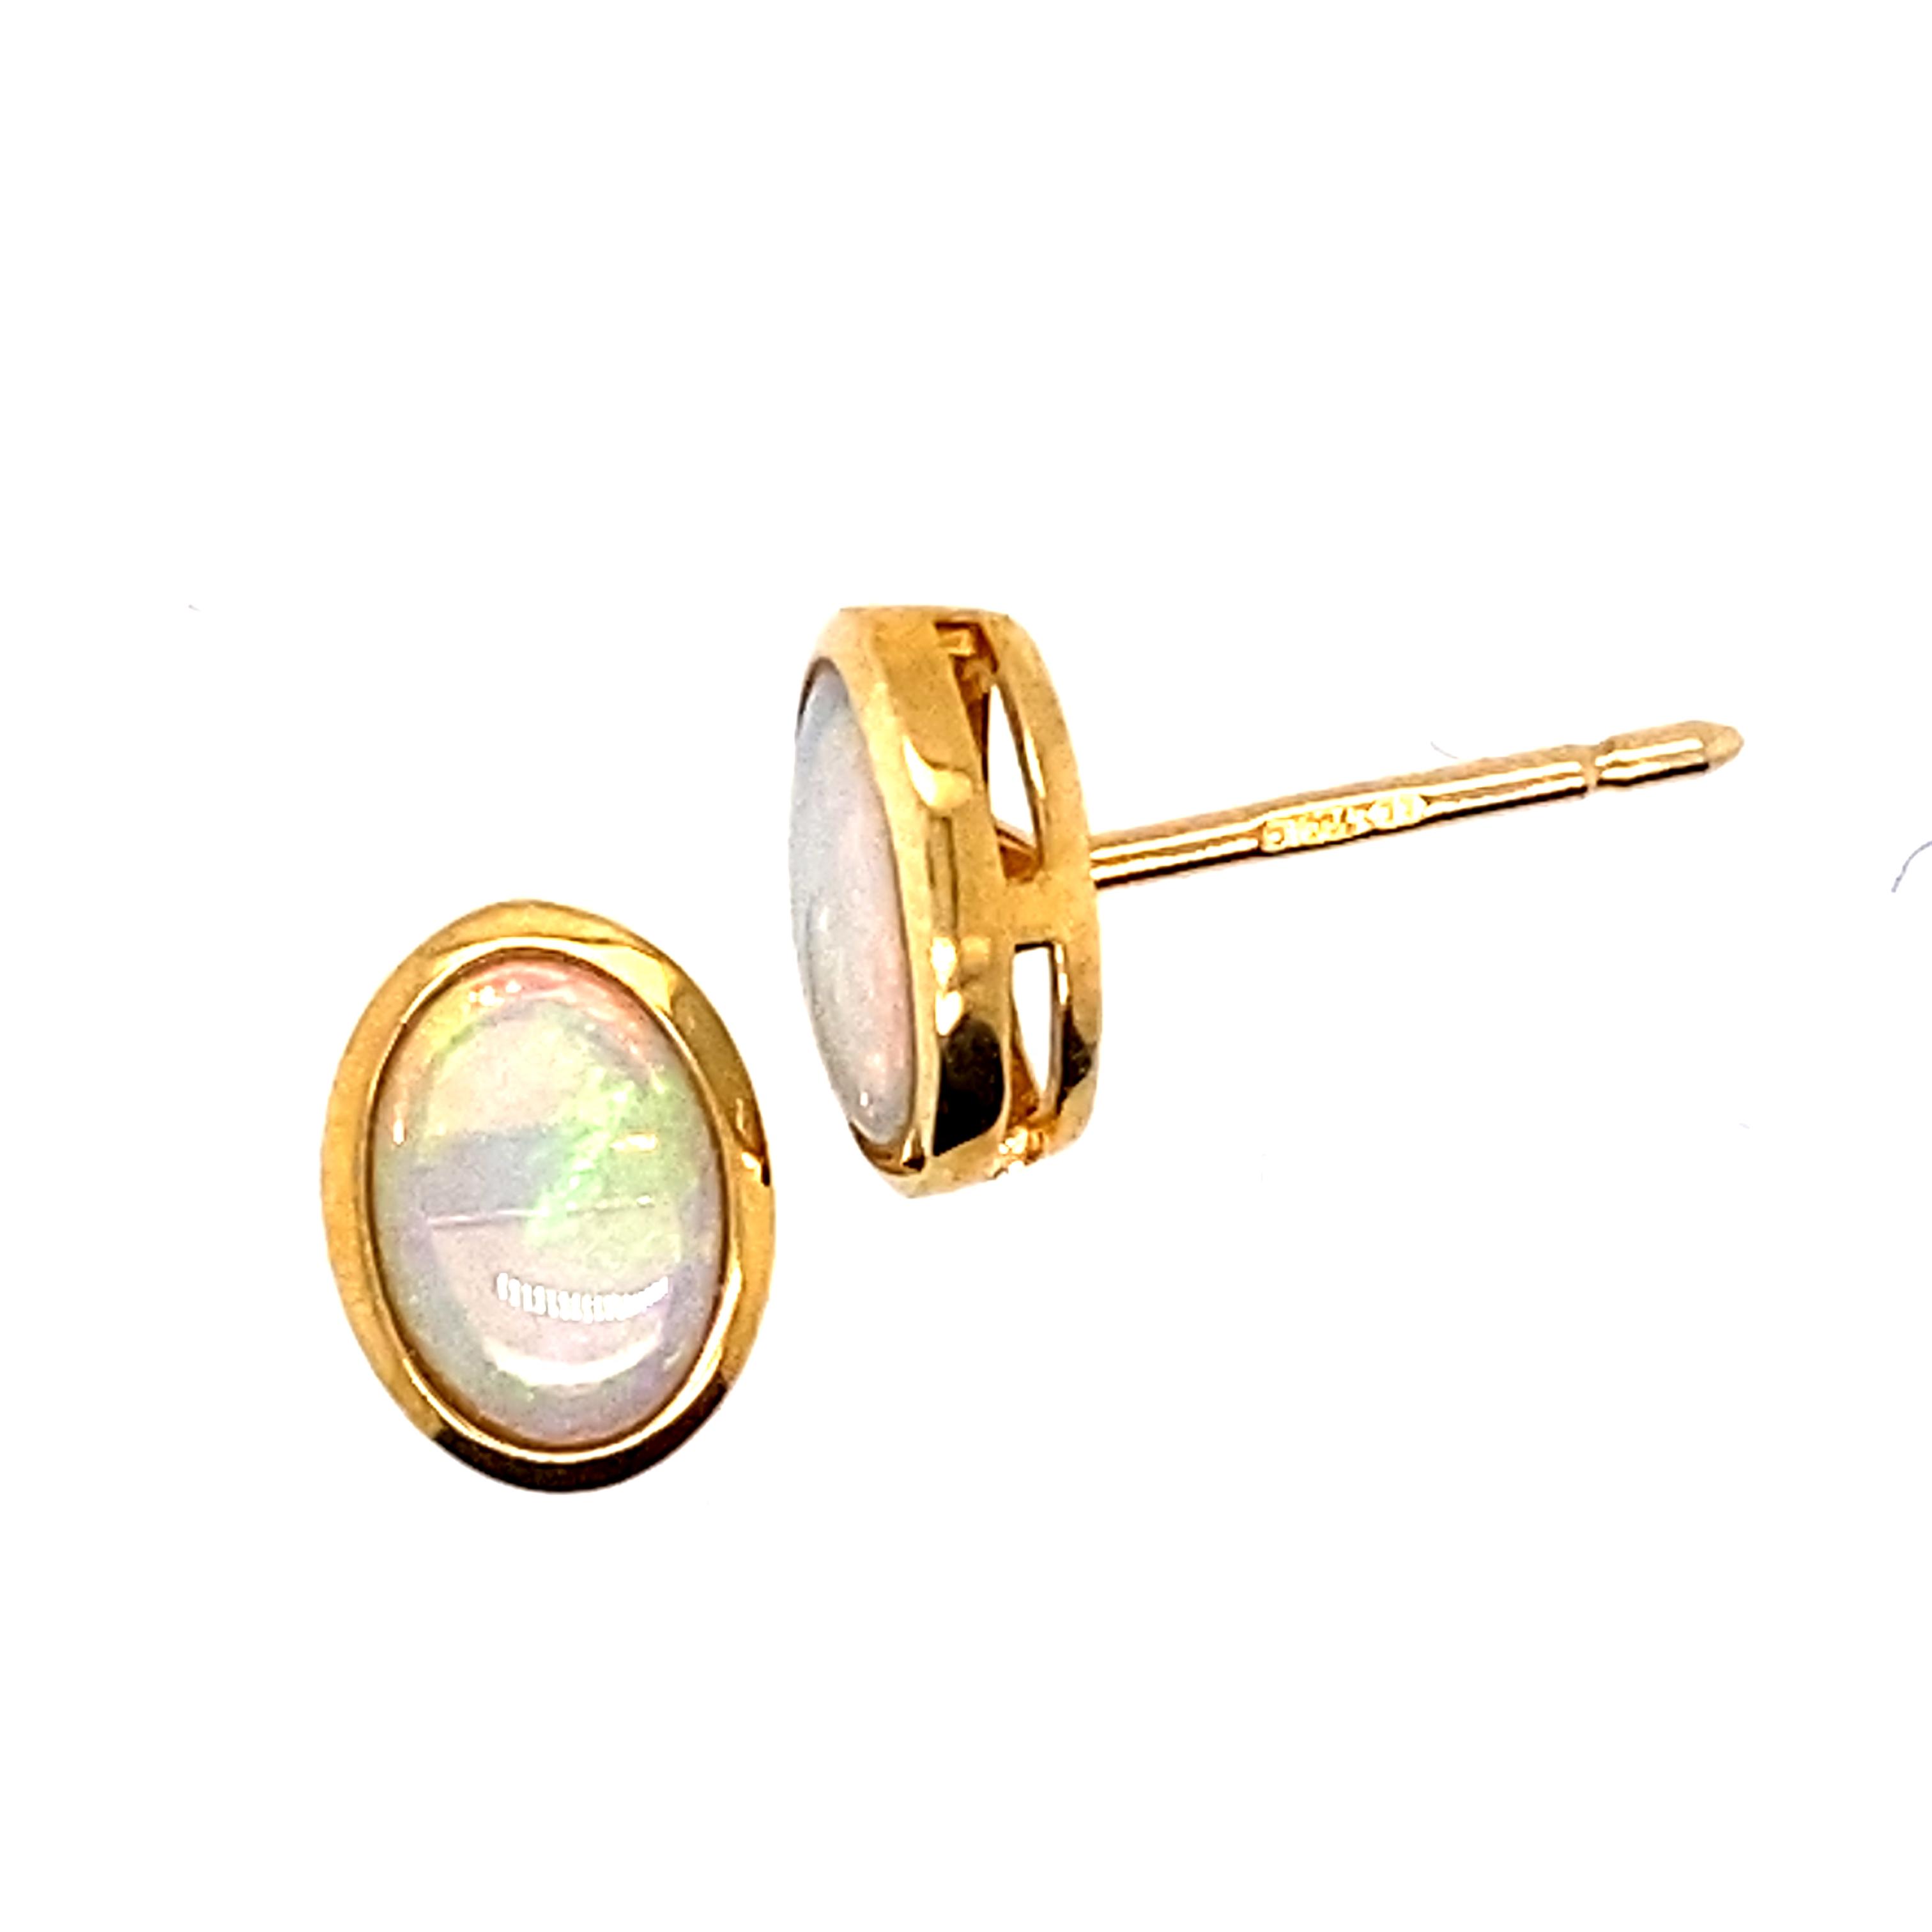 Opal Stud Earrings in 9 Carat Yellow Gold